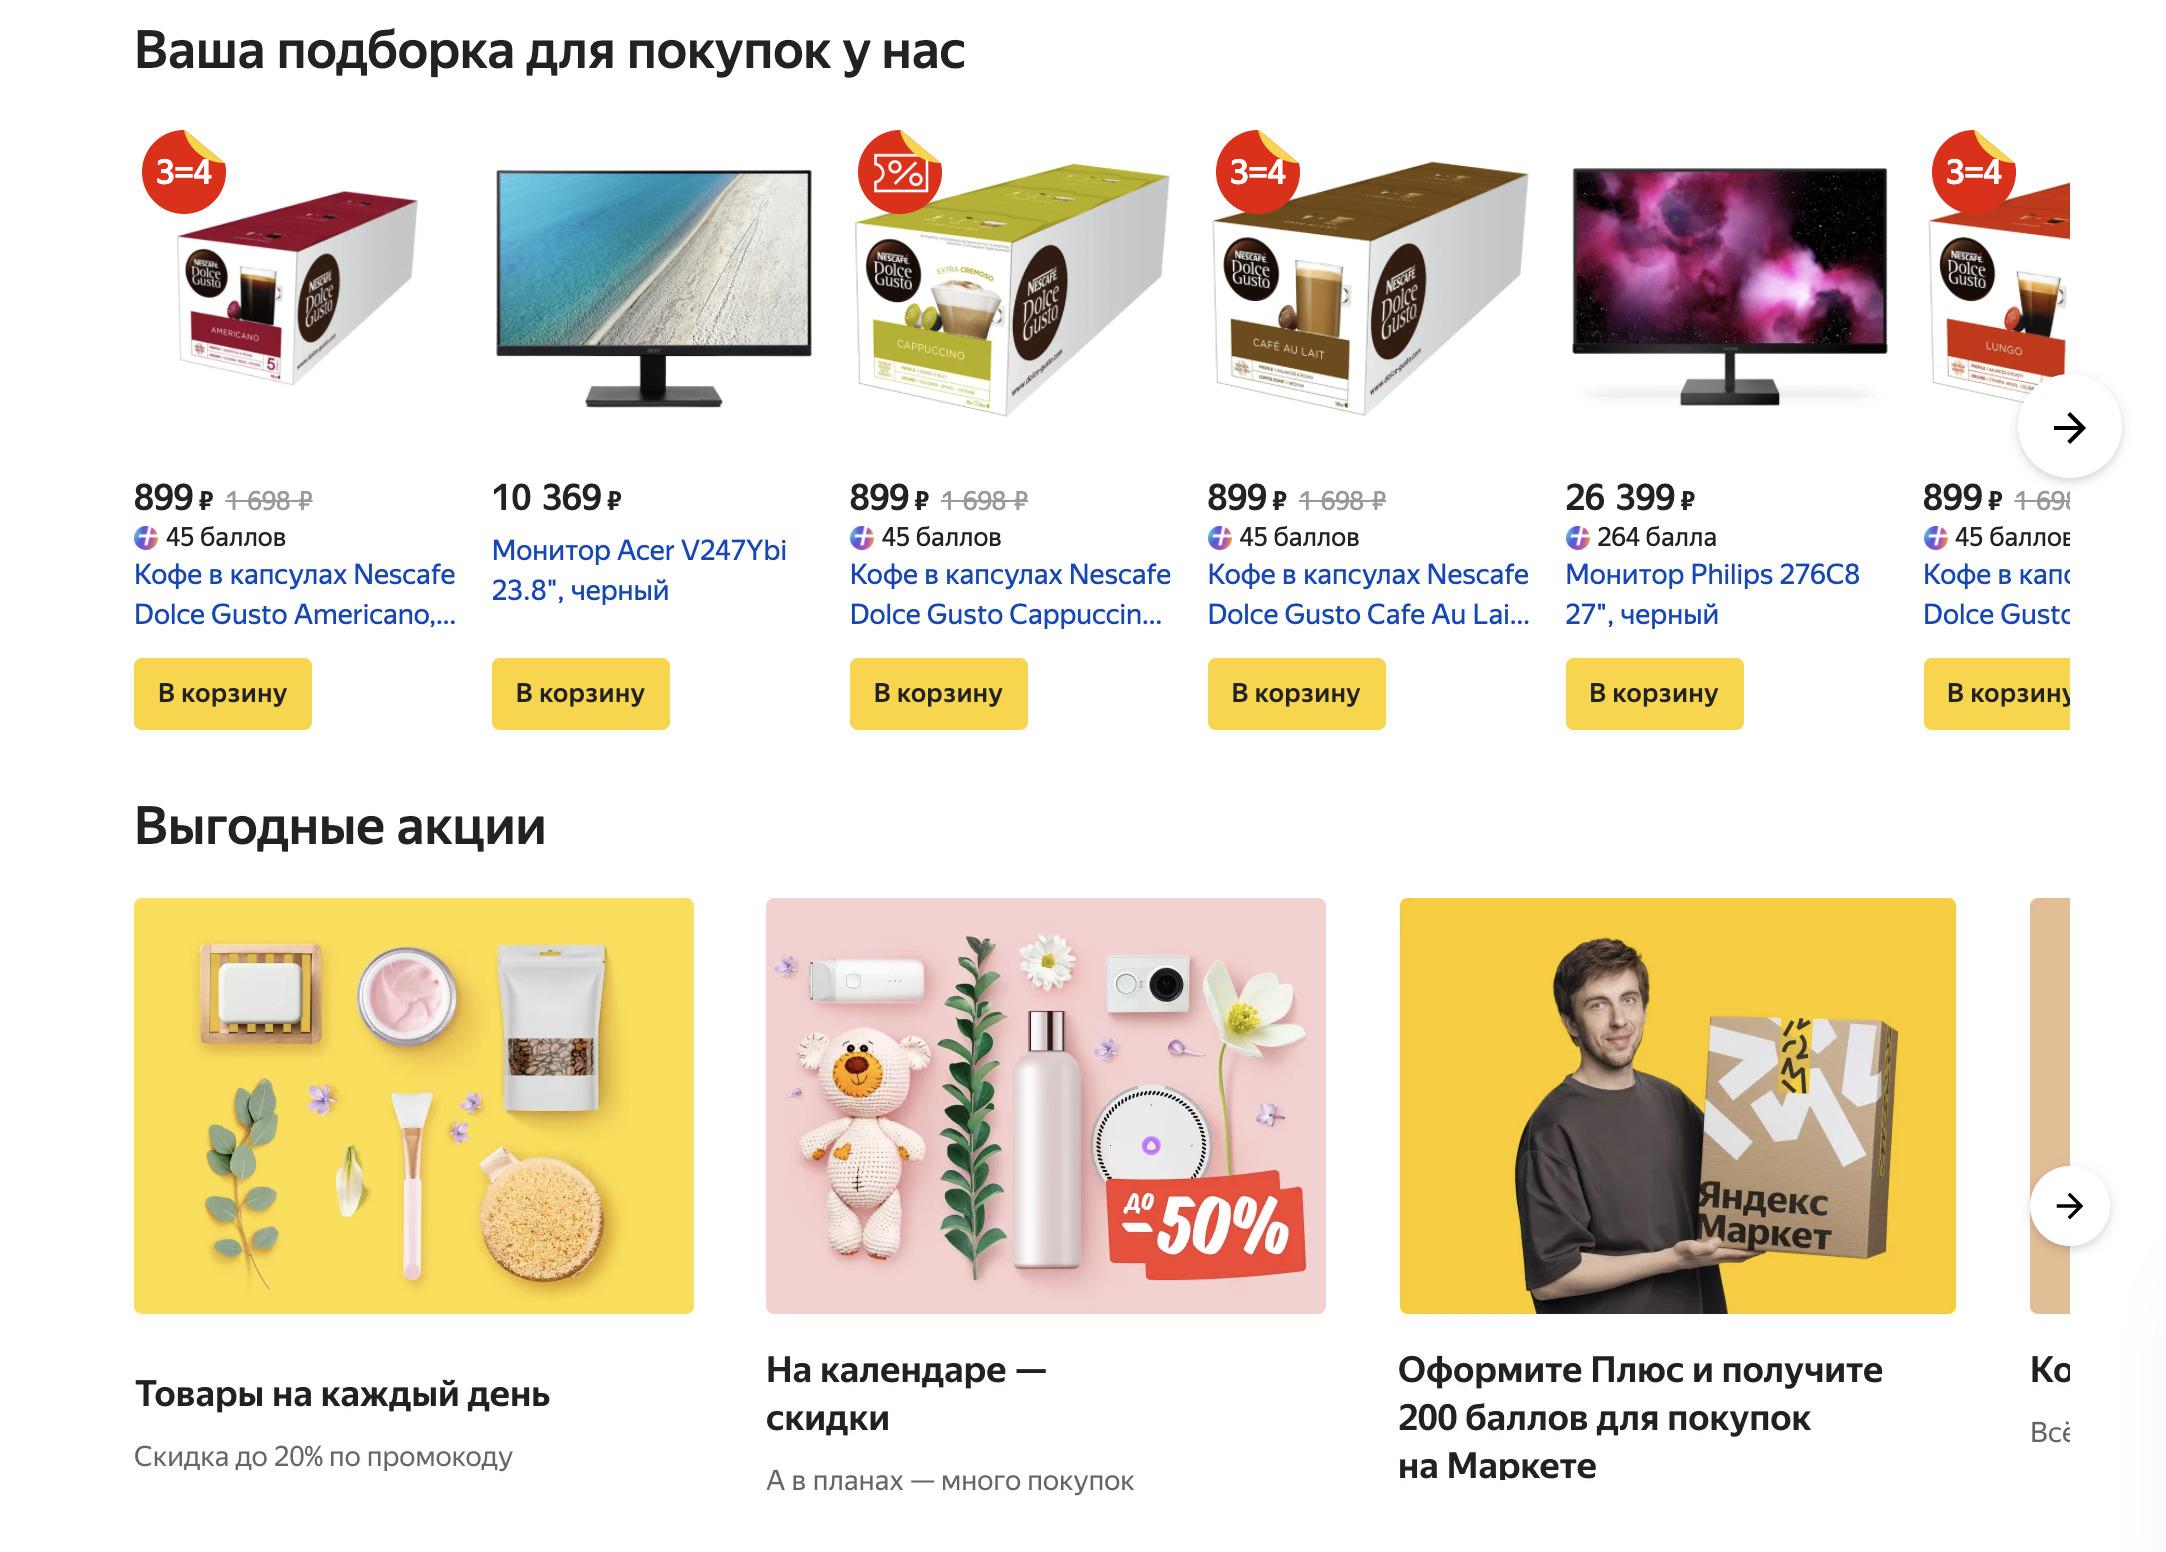 Доставка из Яндекс.Маркет в Барнаул, сроки, пункты выдачи, каталог